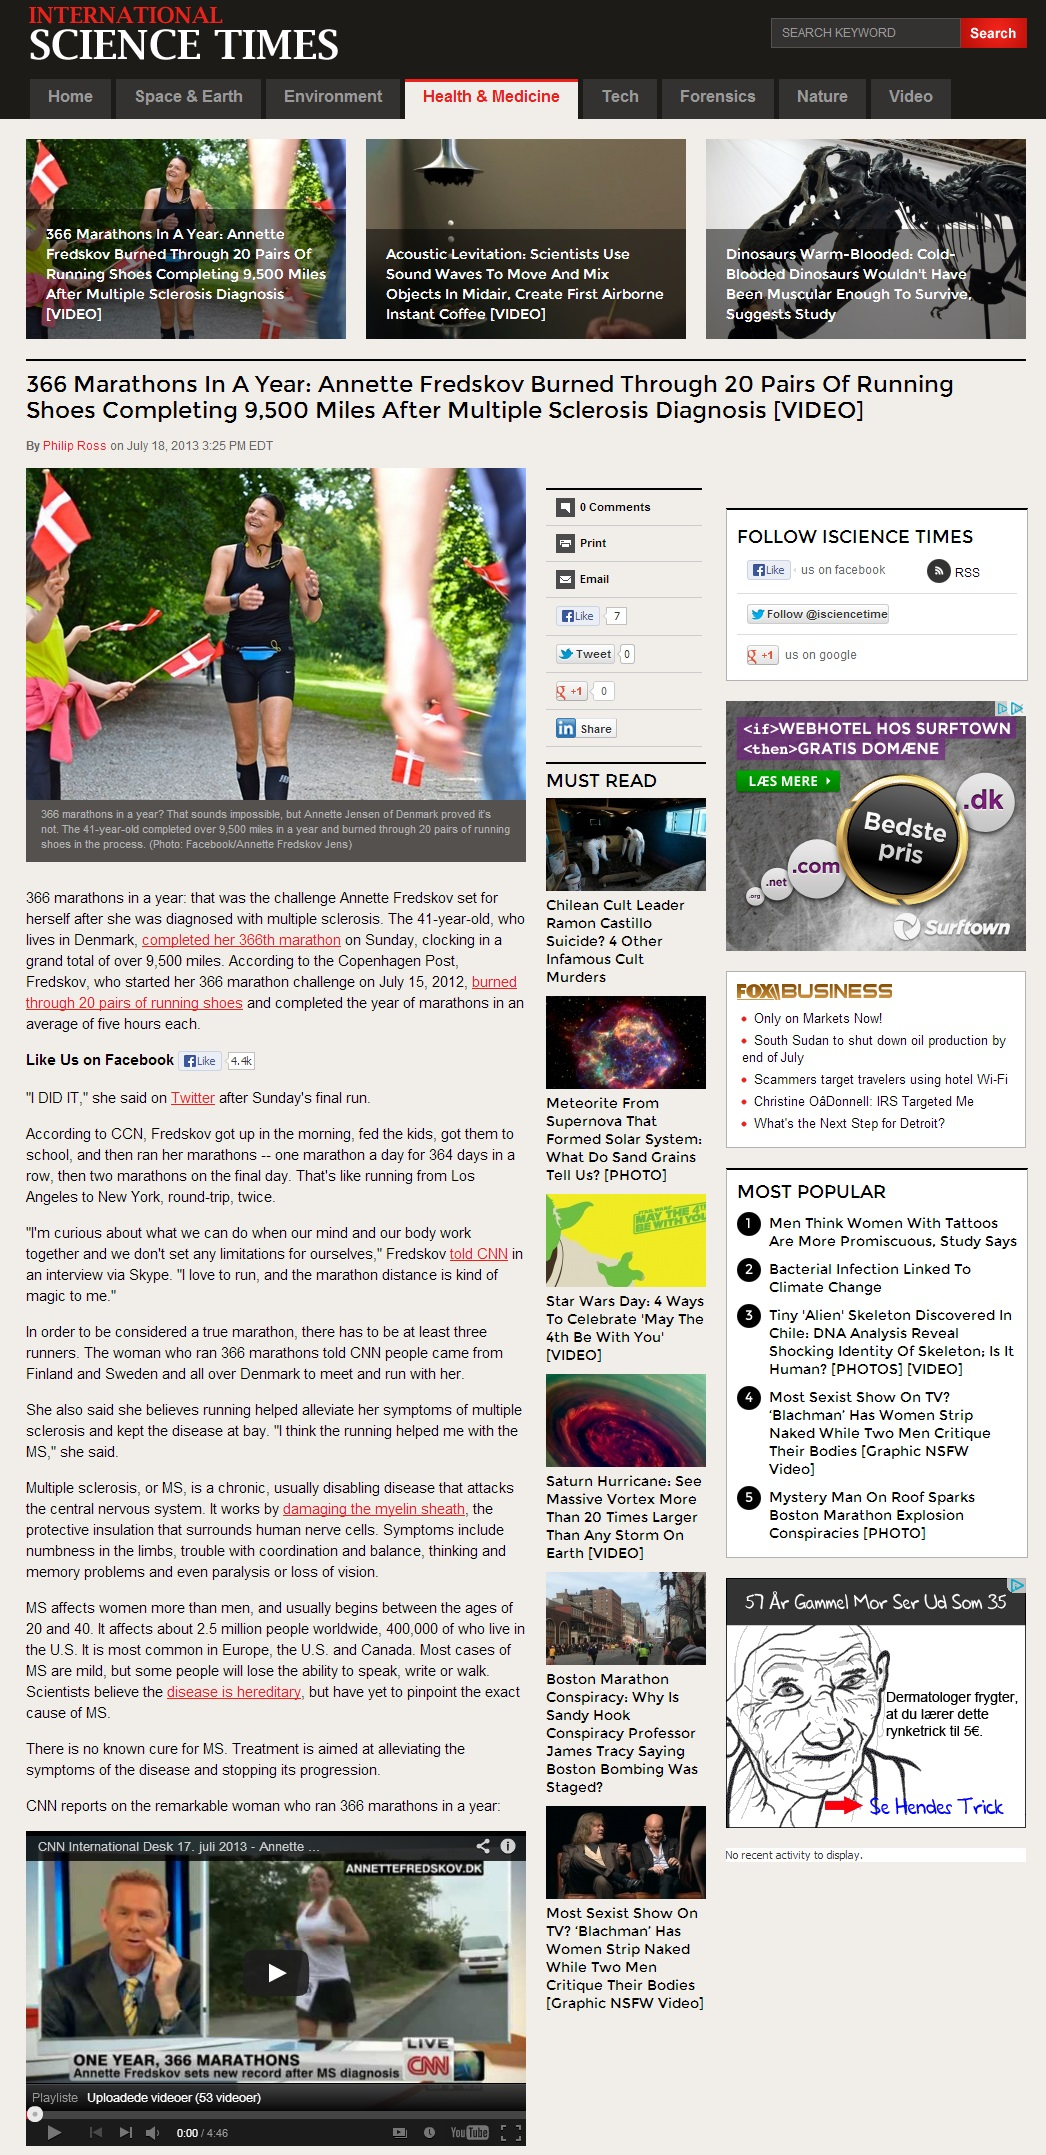 isciencetimes.com 2013.07.18